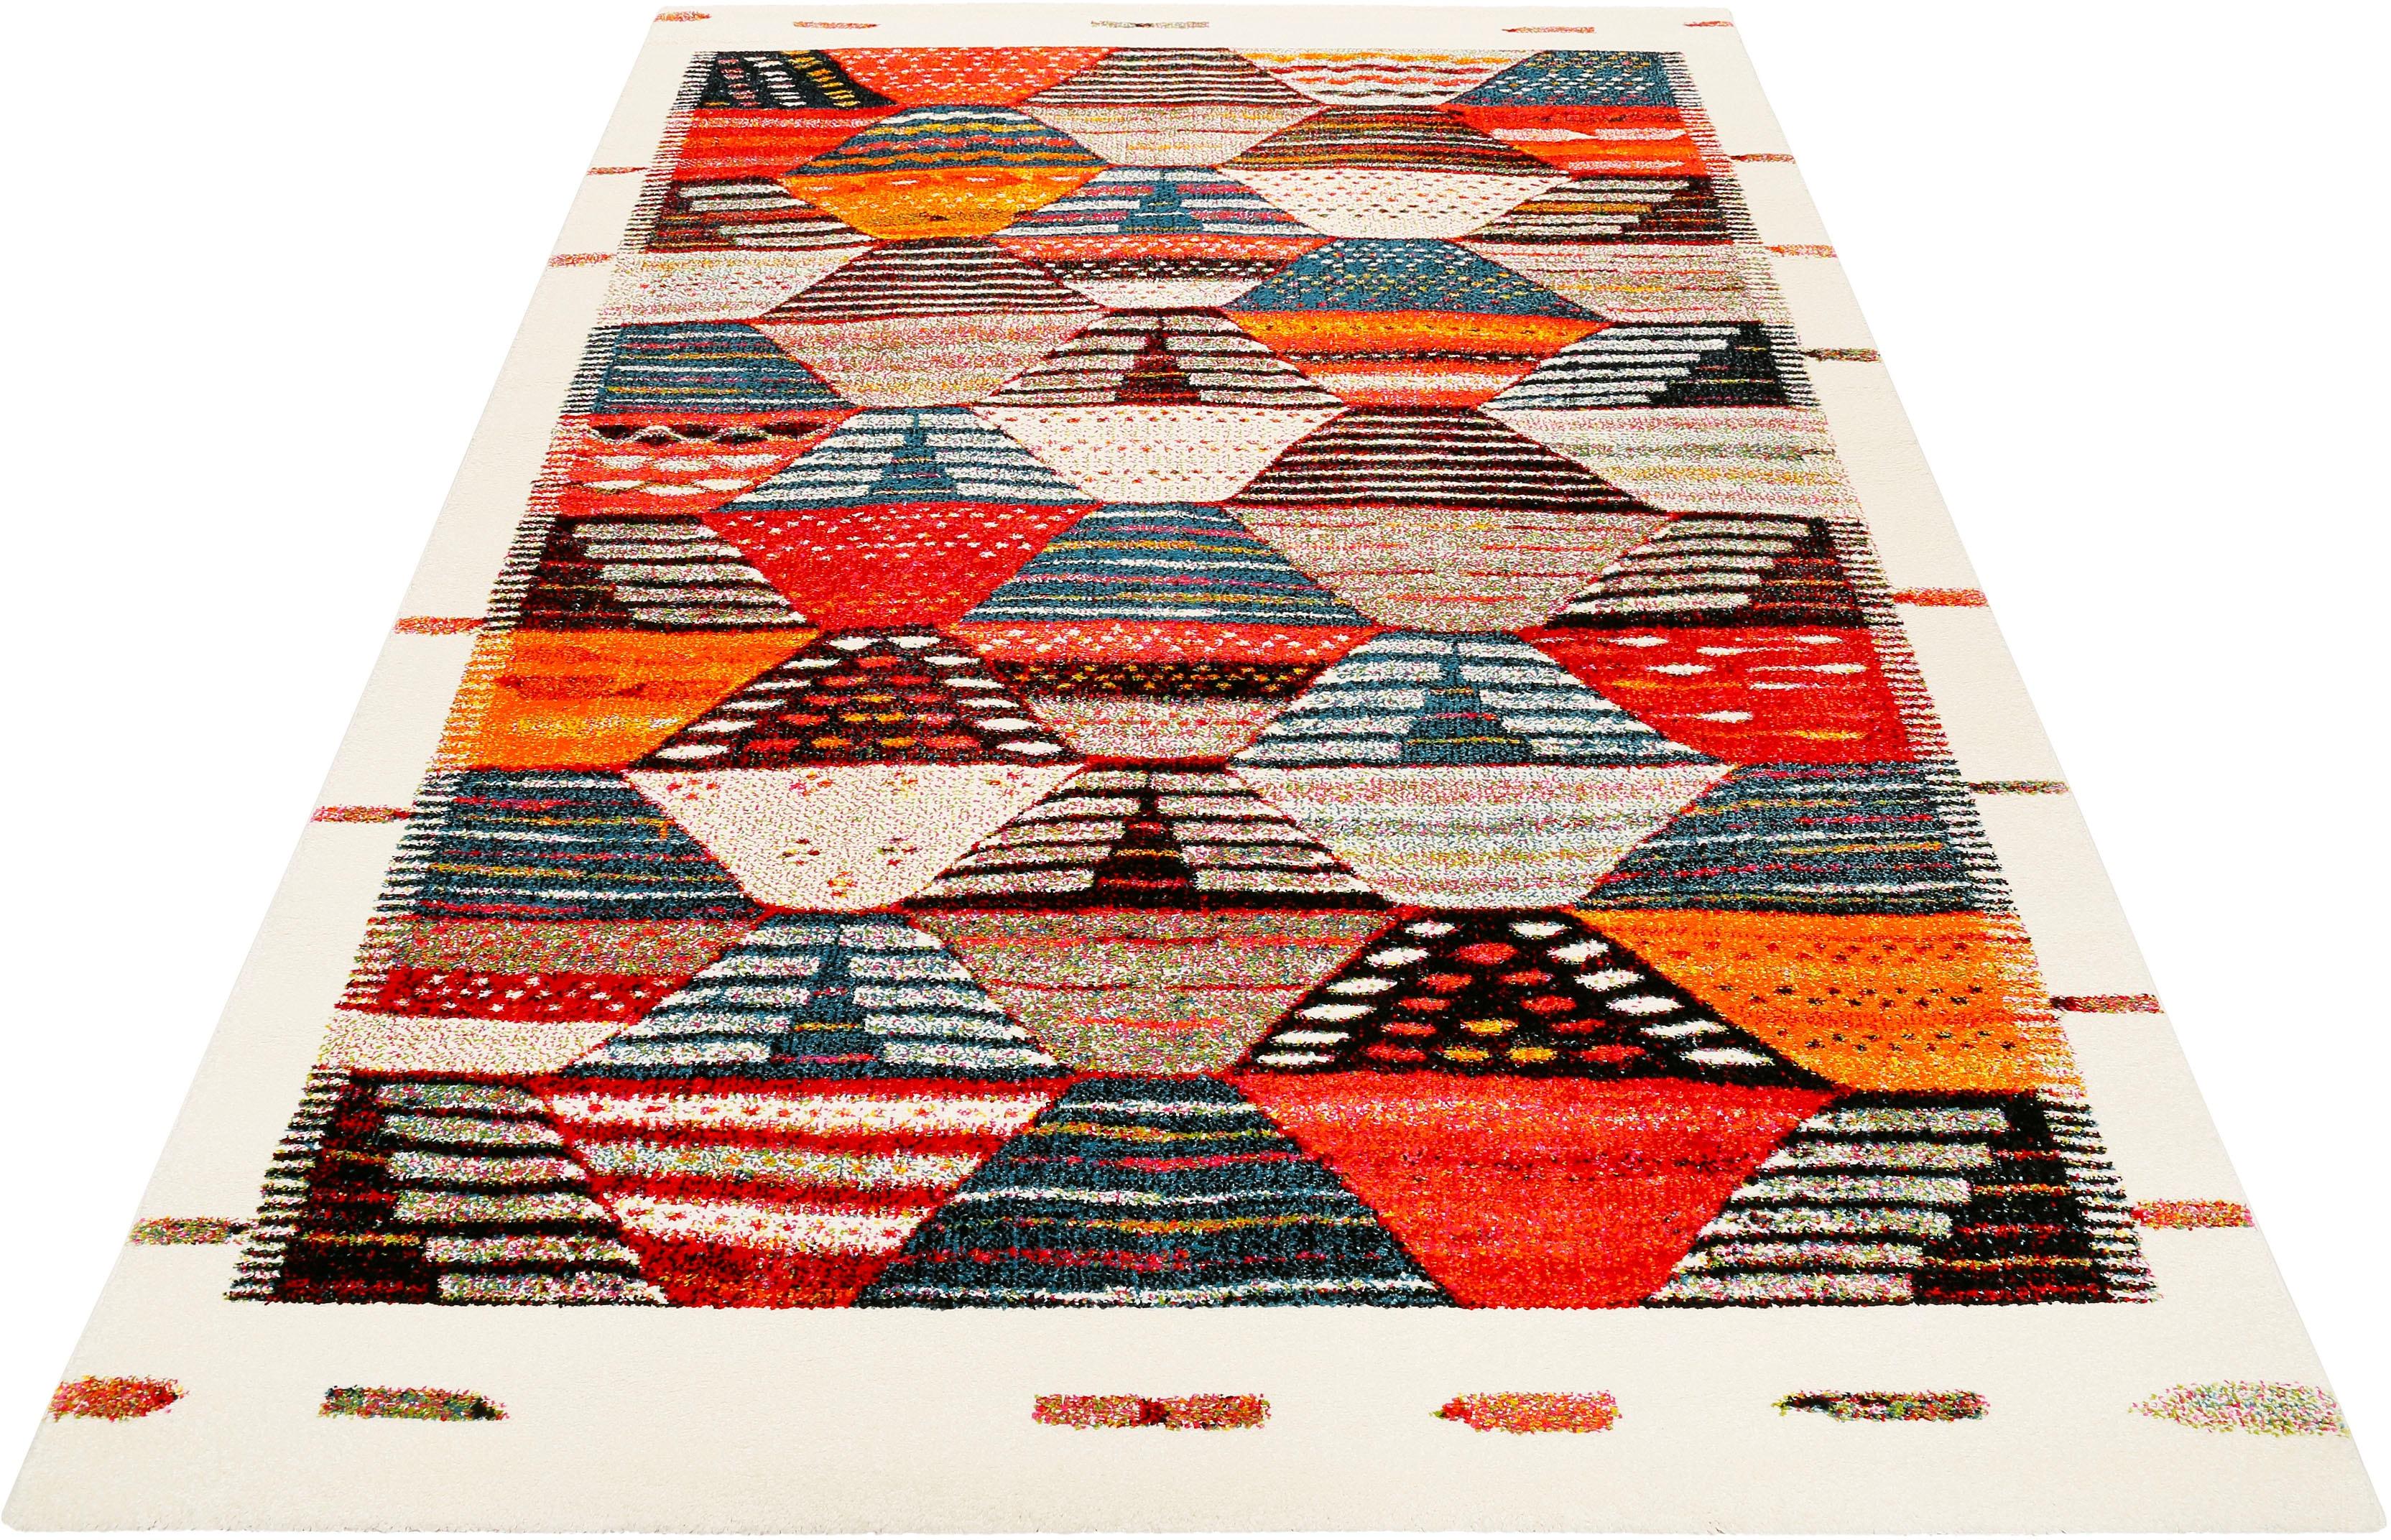 Teppich Modern Berber Wecon Home rechteckig Höhe 13 mm maschinell gewebt